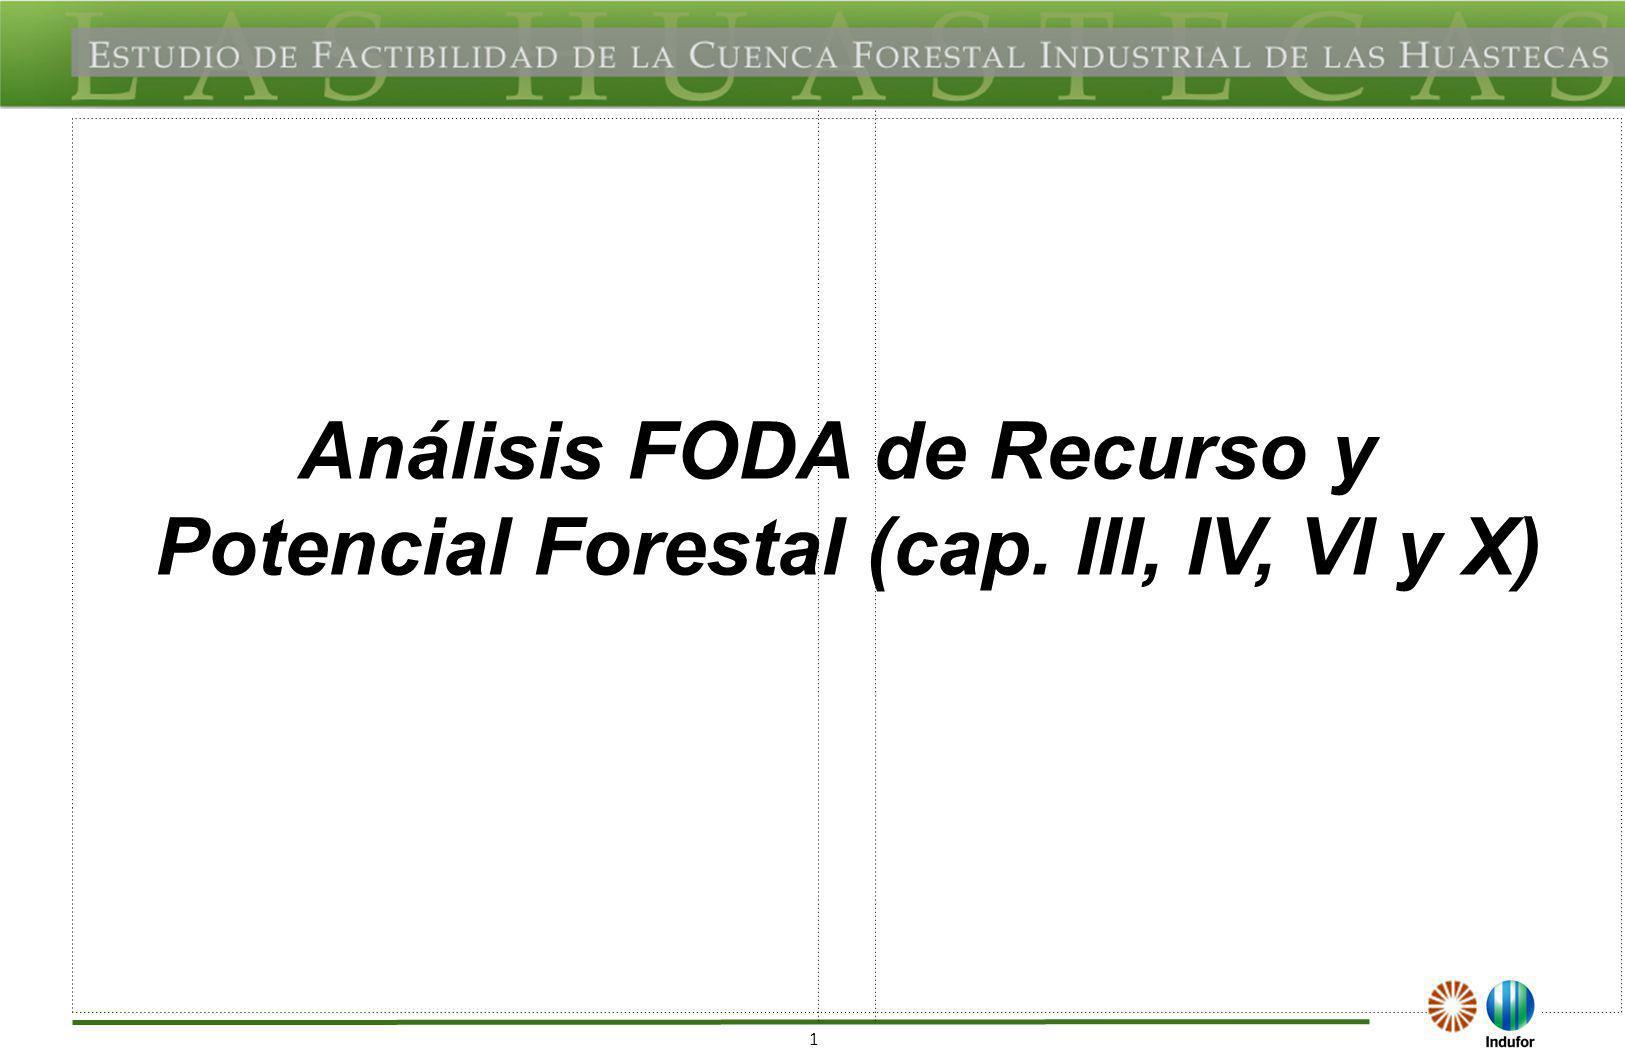 22 FODA REGIONAL DEL RECURSO POTENCIAL FORTALEZAS (F) OPORTUNIDADES (O) Estrategias y líneas de acción bien definidas en los Programas Estratégicos de Desarrollo Forestal de los estados pertenecientes a la Cuenca de Las Huastecas.